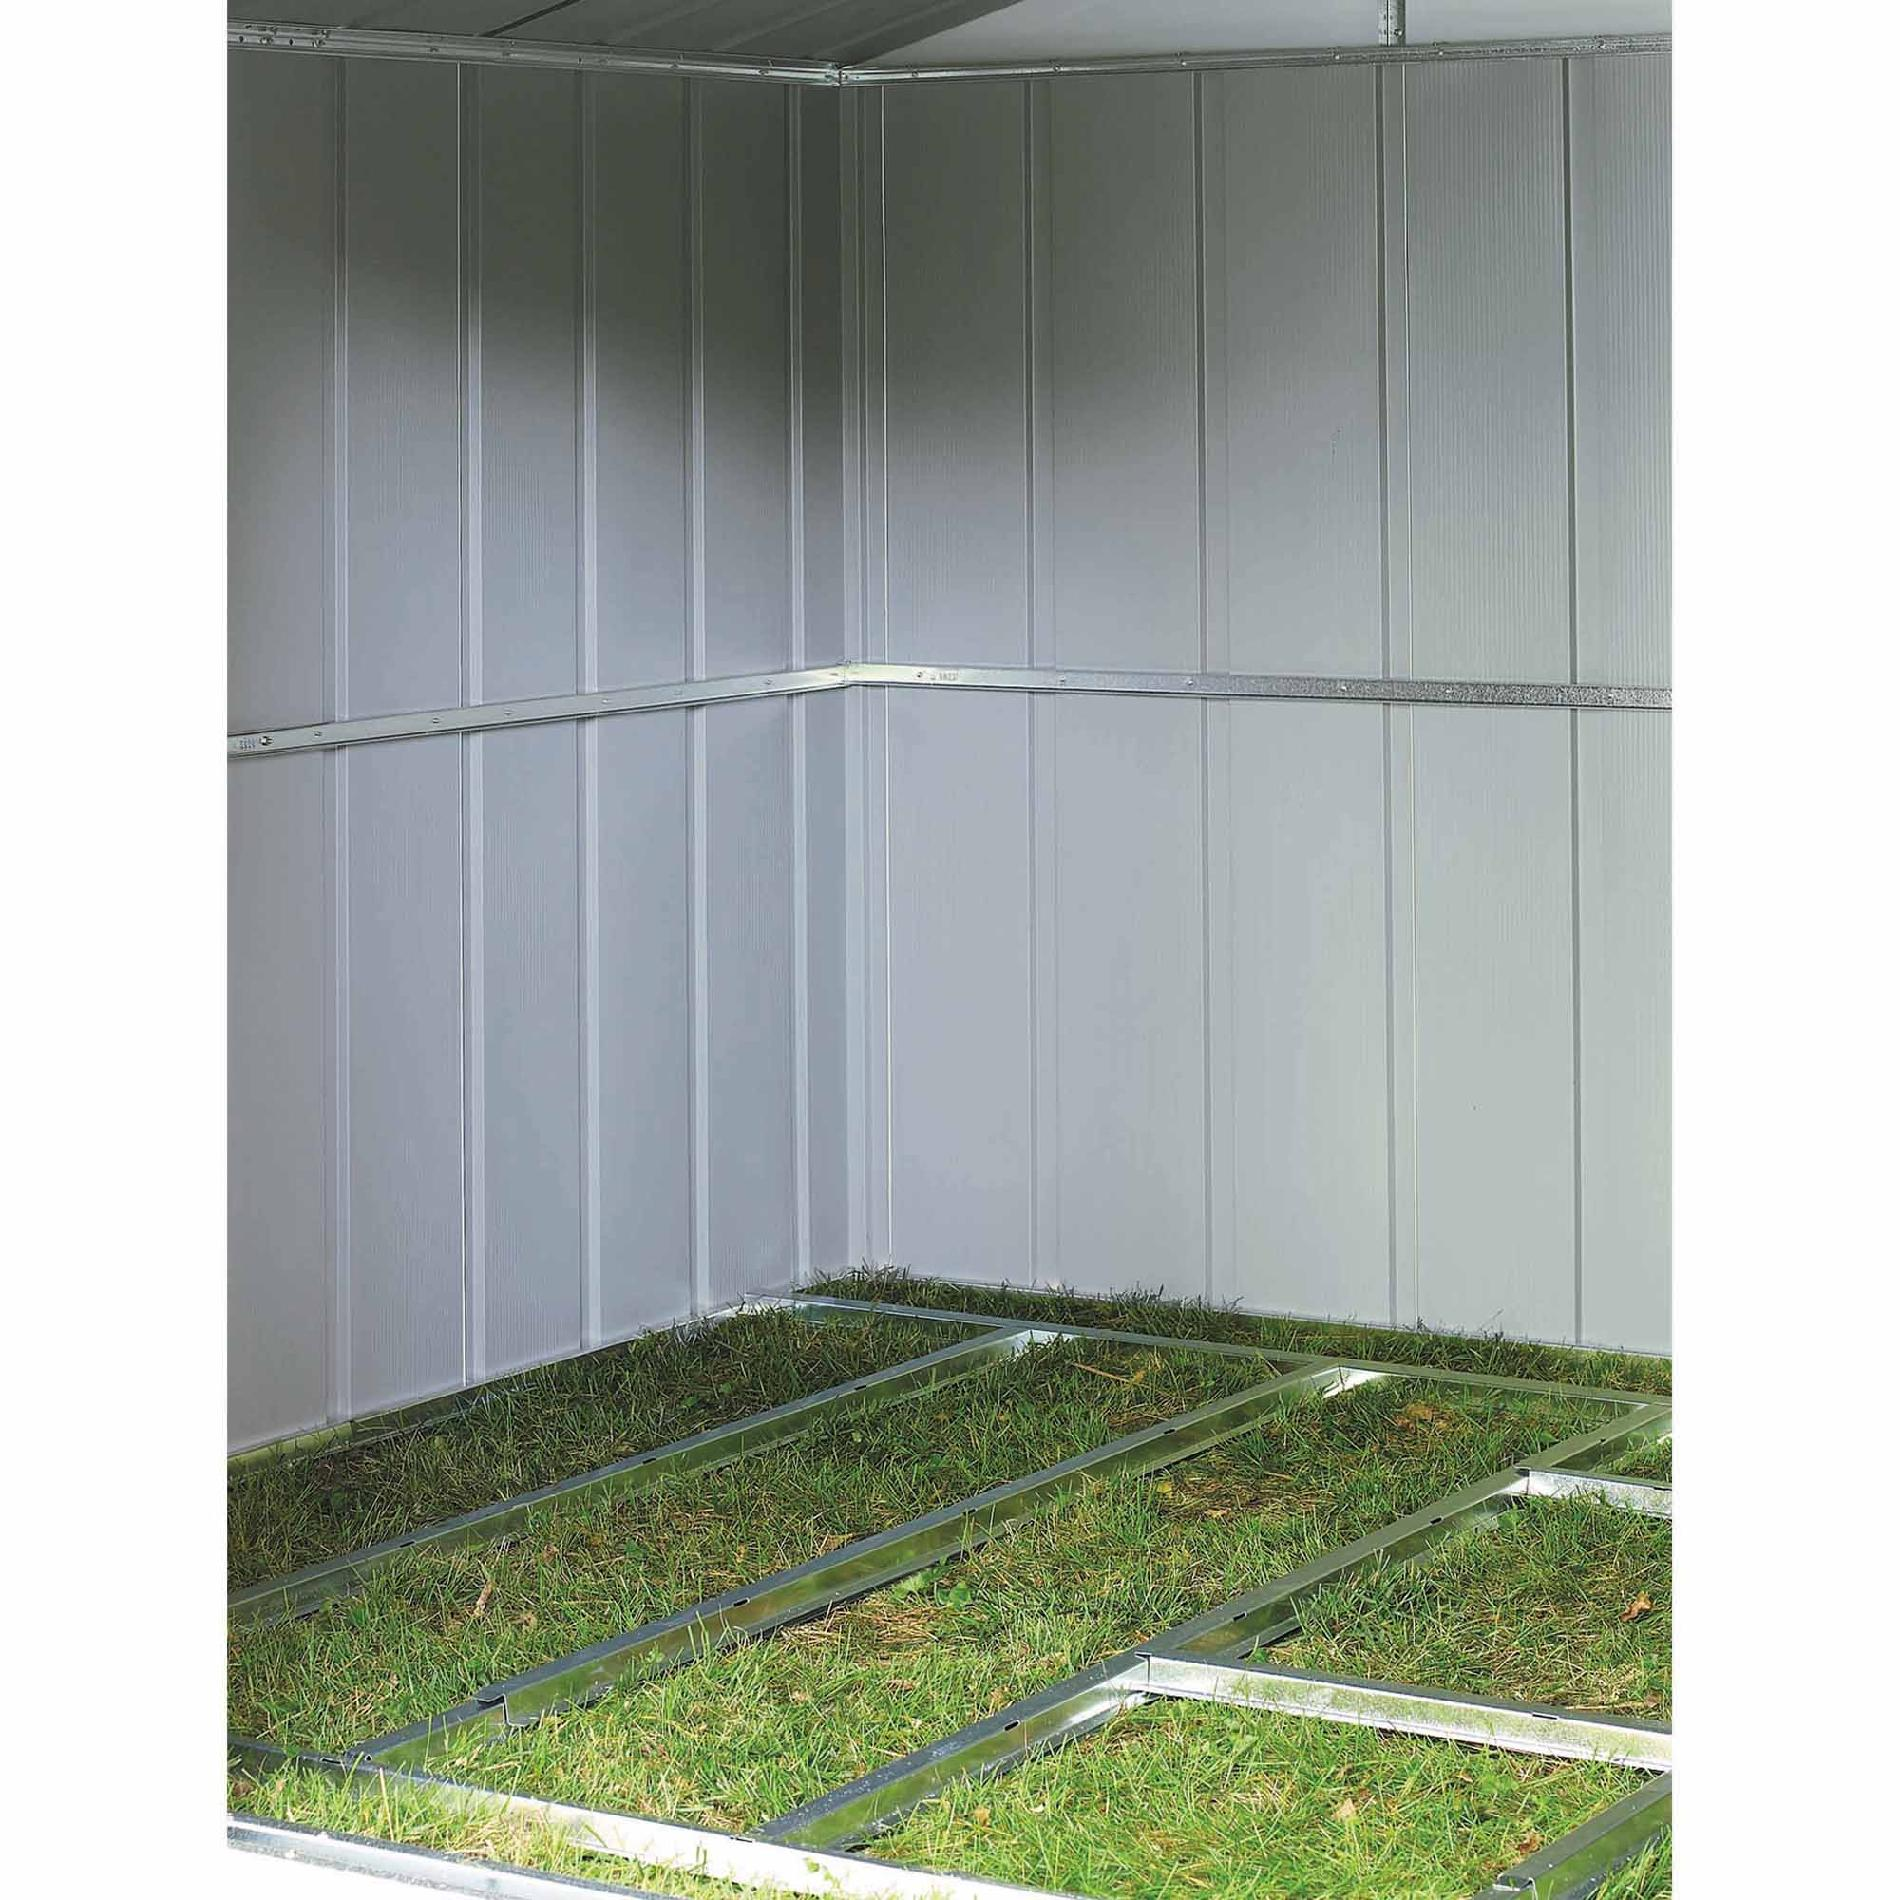 10-ft. x 7-ft. Shed Floor Frame Kit - FBS109